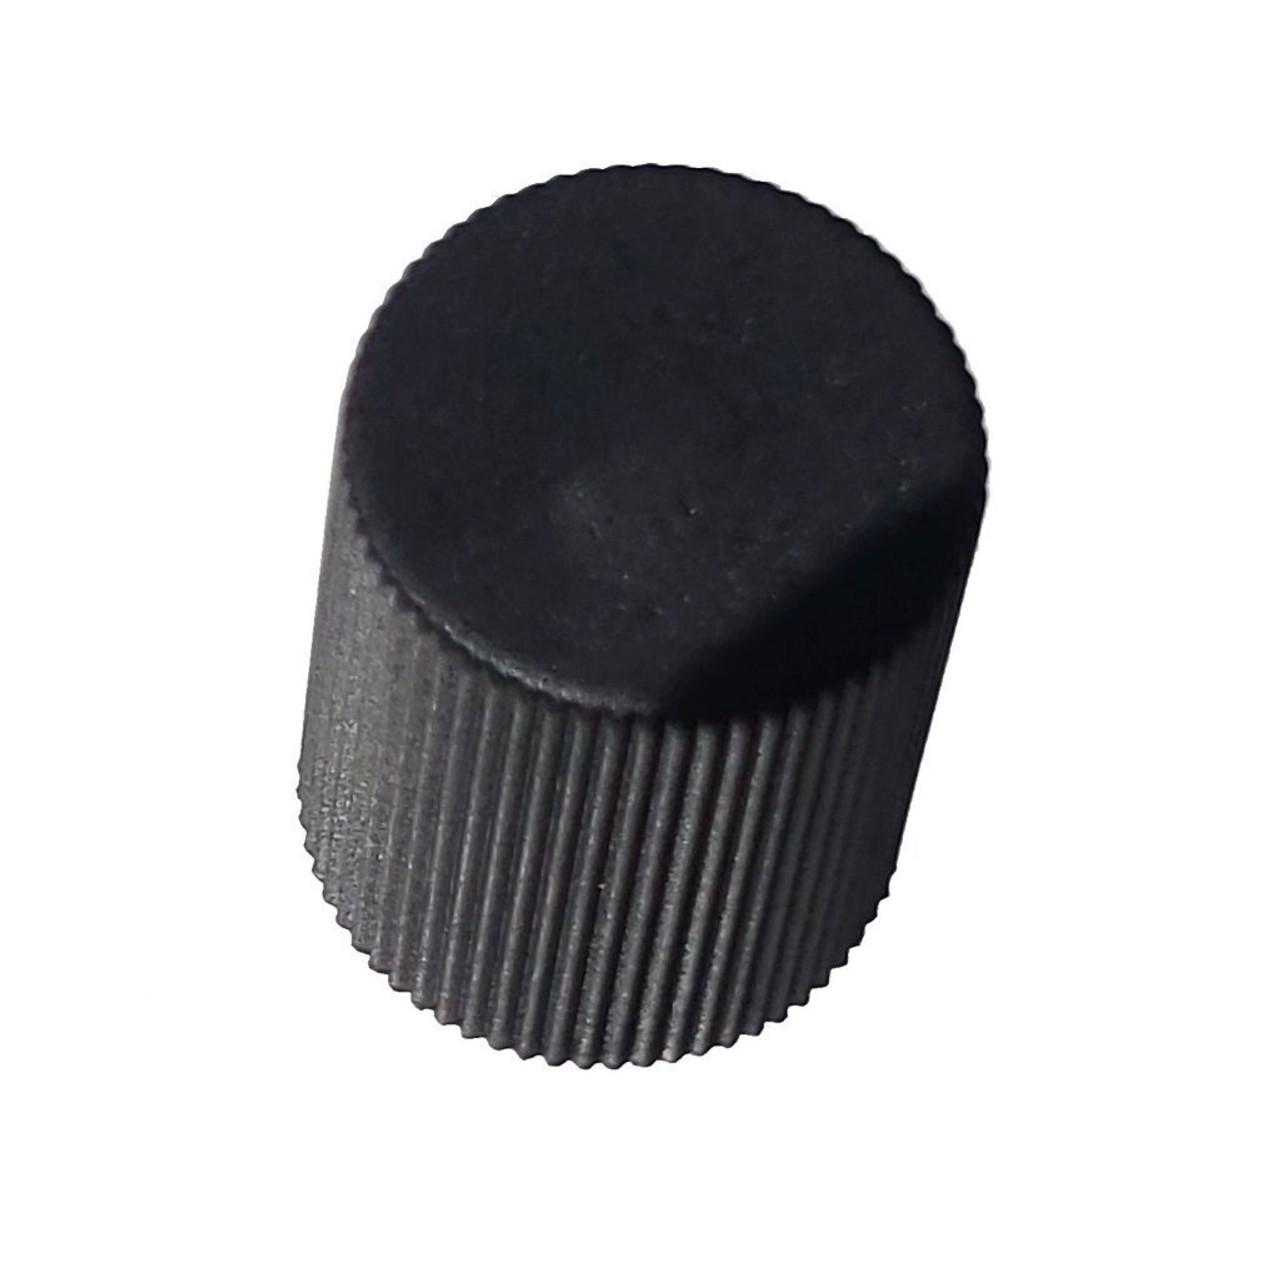 AC Service Cap - Black Low Side M8x1.0 - Interchanges: MT0062, 59937